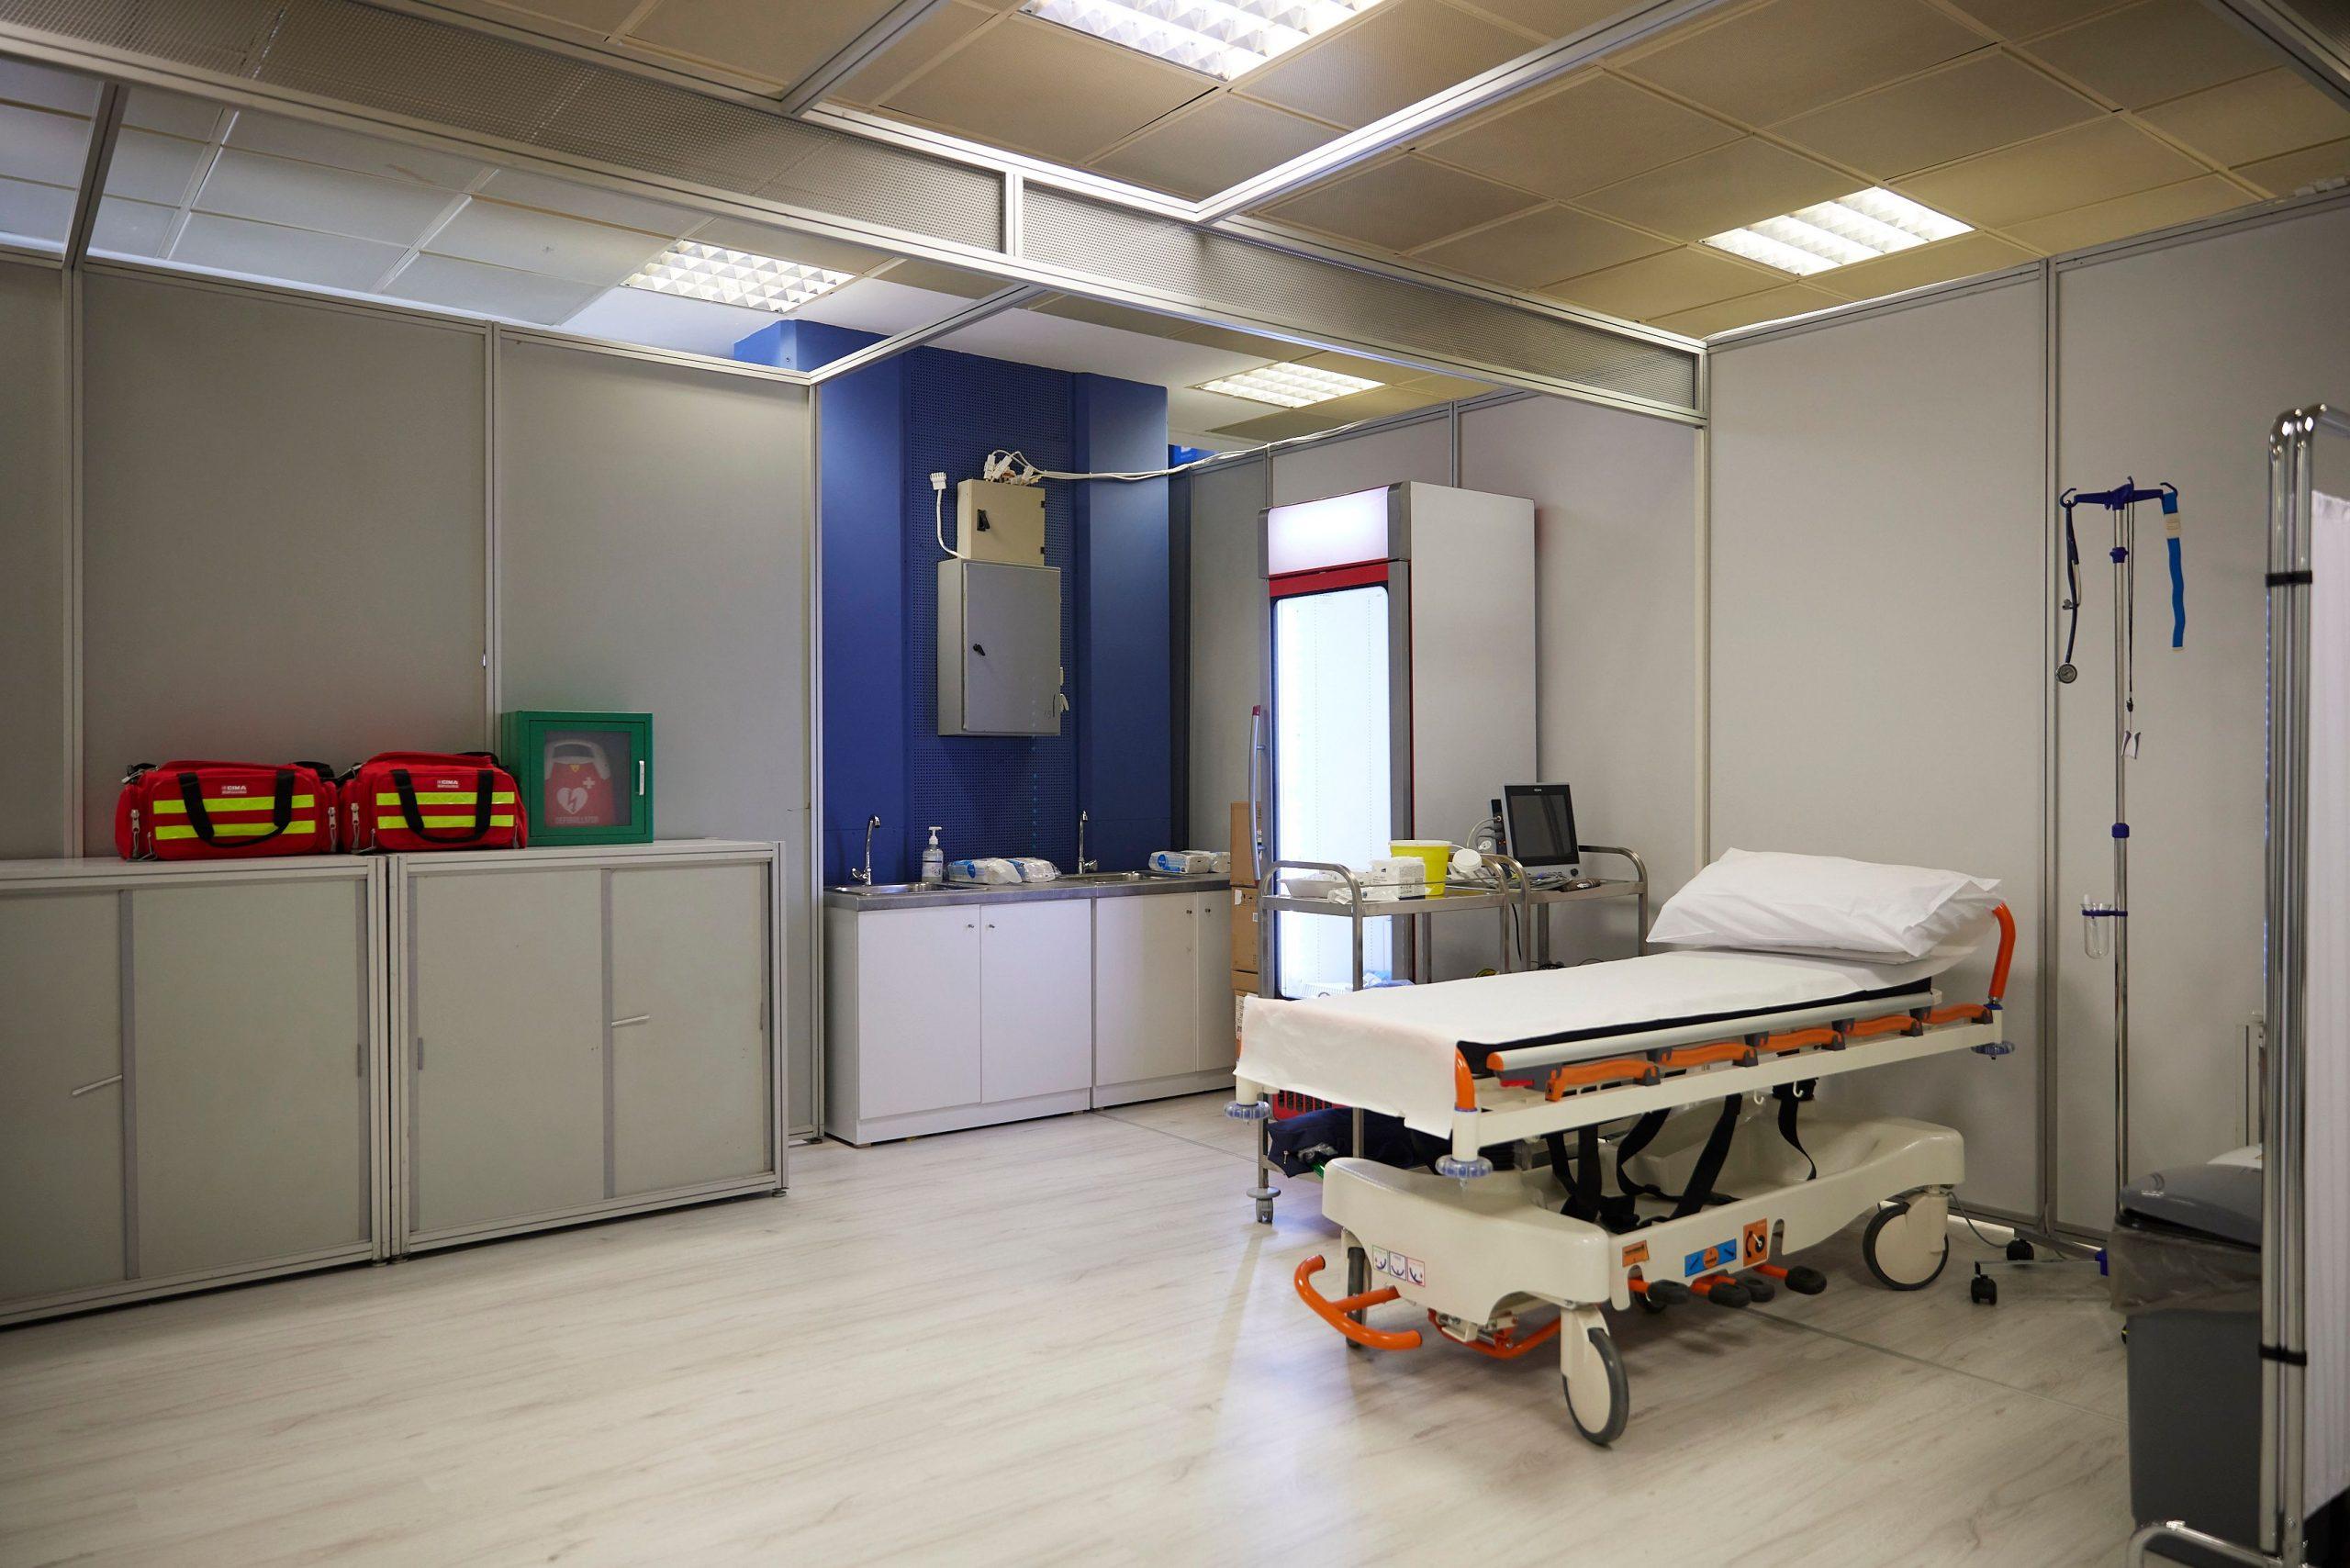 ΕΚΠΑ: Υψηλότερος κίνδυνος νοσηλείας από το στέλεχος ΔΕΛΤΑ